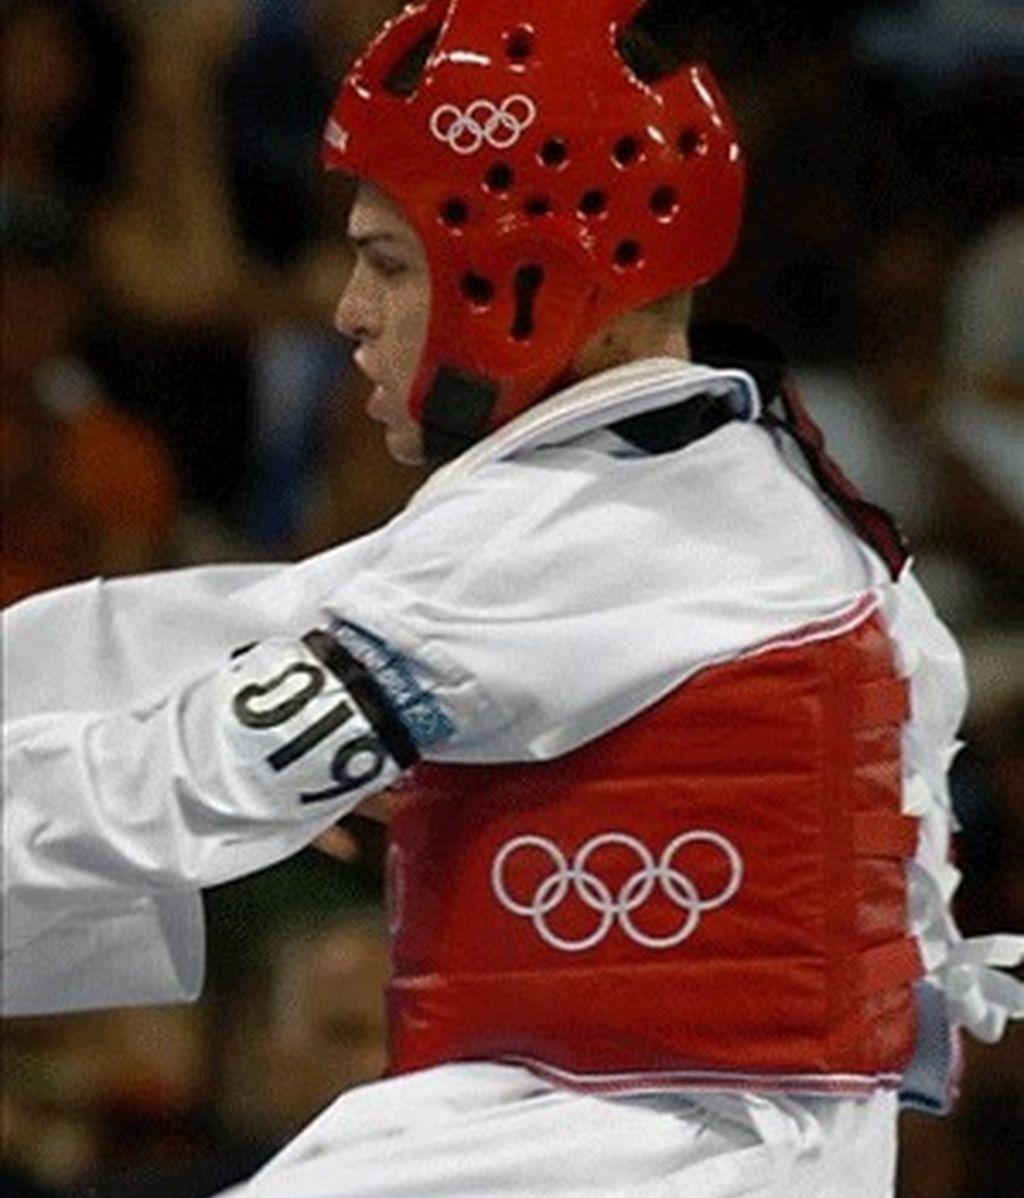 El taekwondo comienza con Juan Antonio Ramos con opciones de medalla